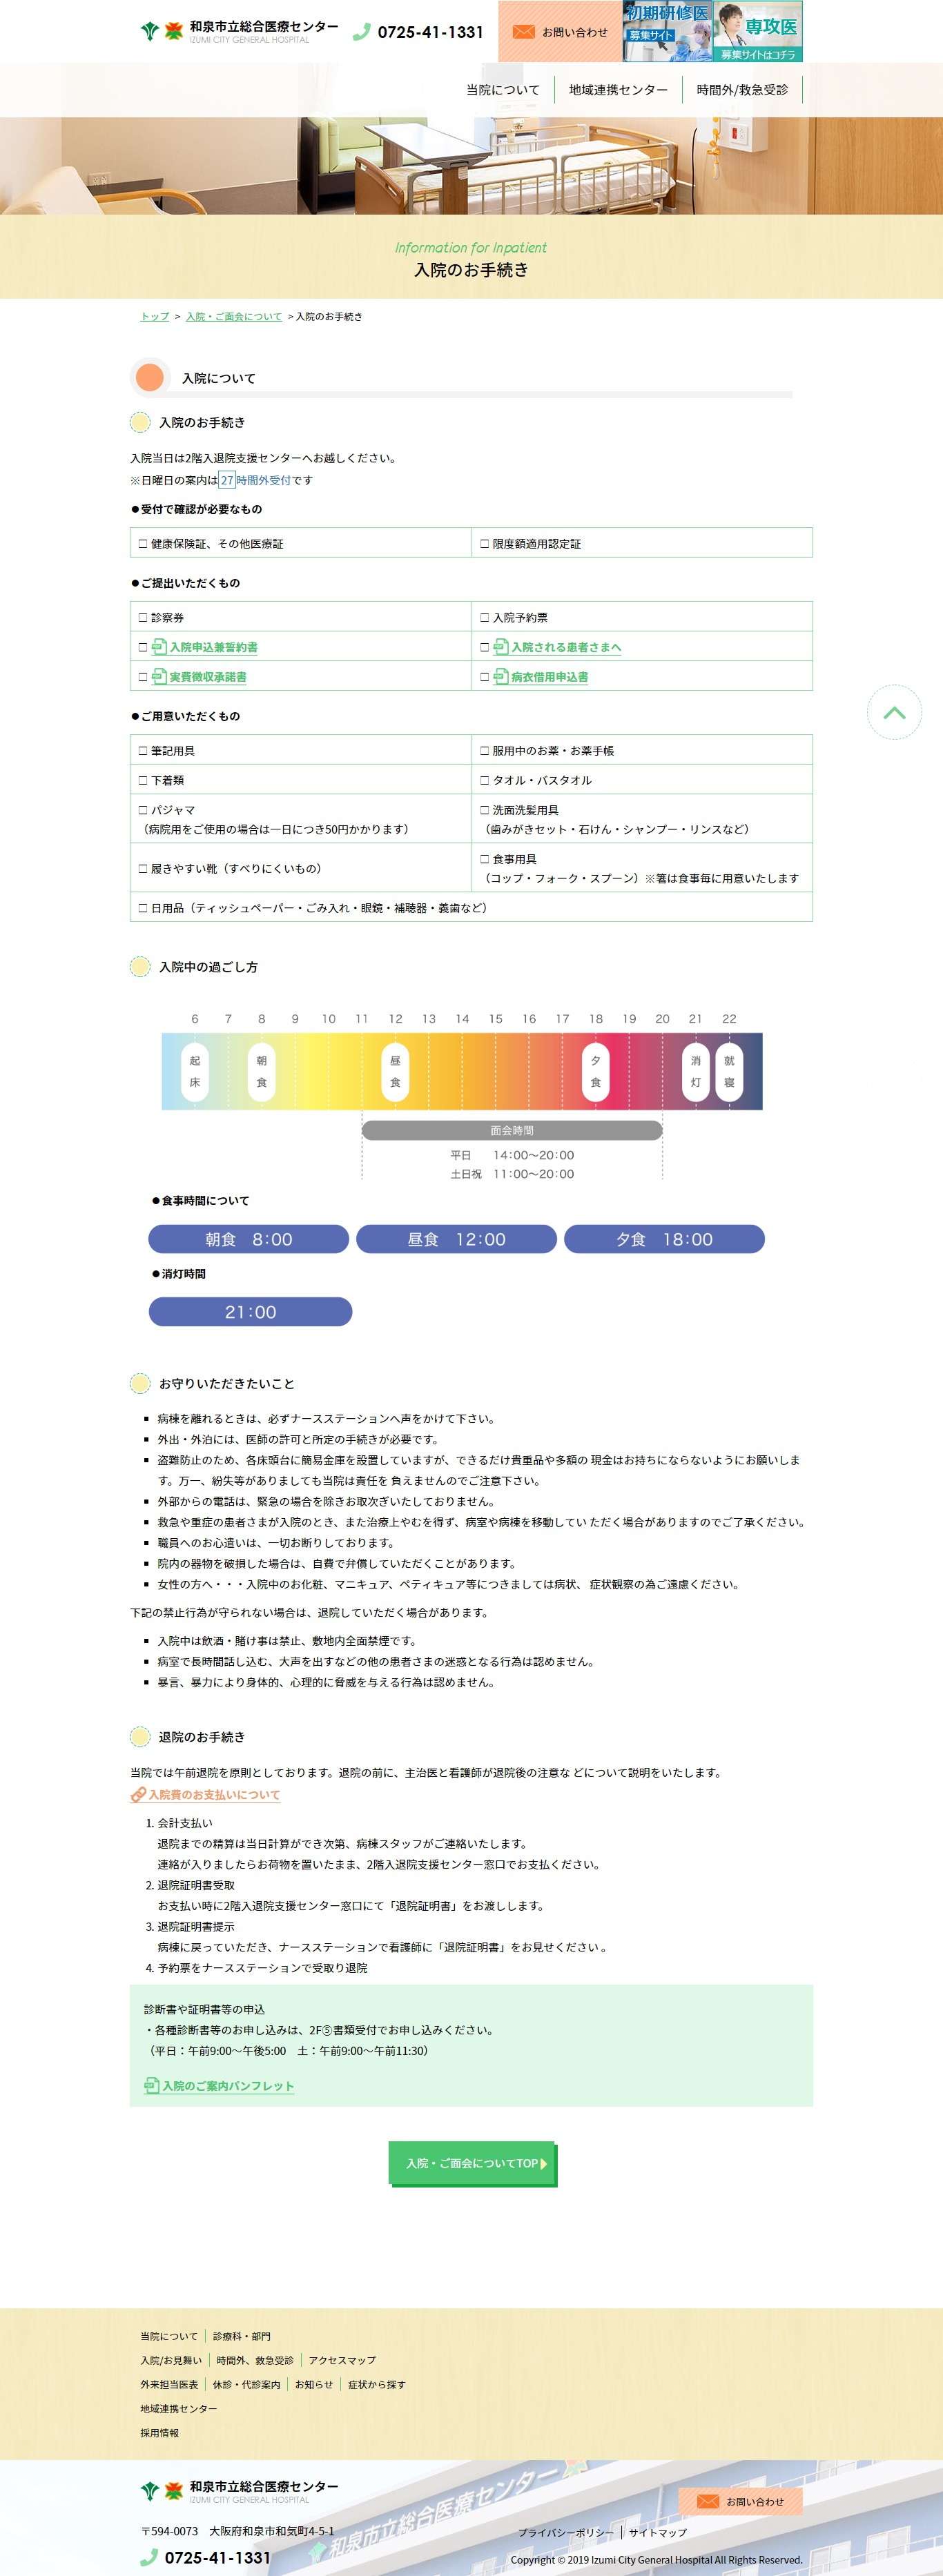 2018年11月作成「和泉市立総合医療センター」病院サイト_サブ画像